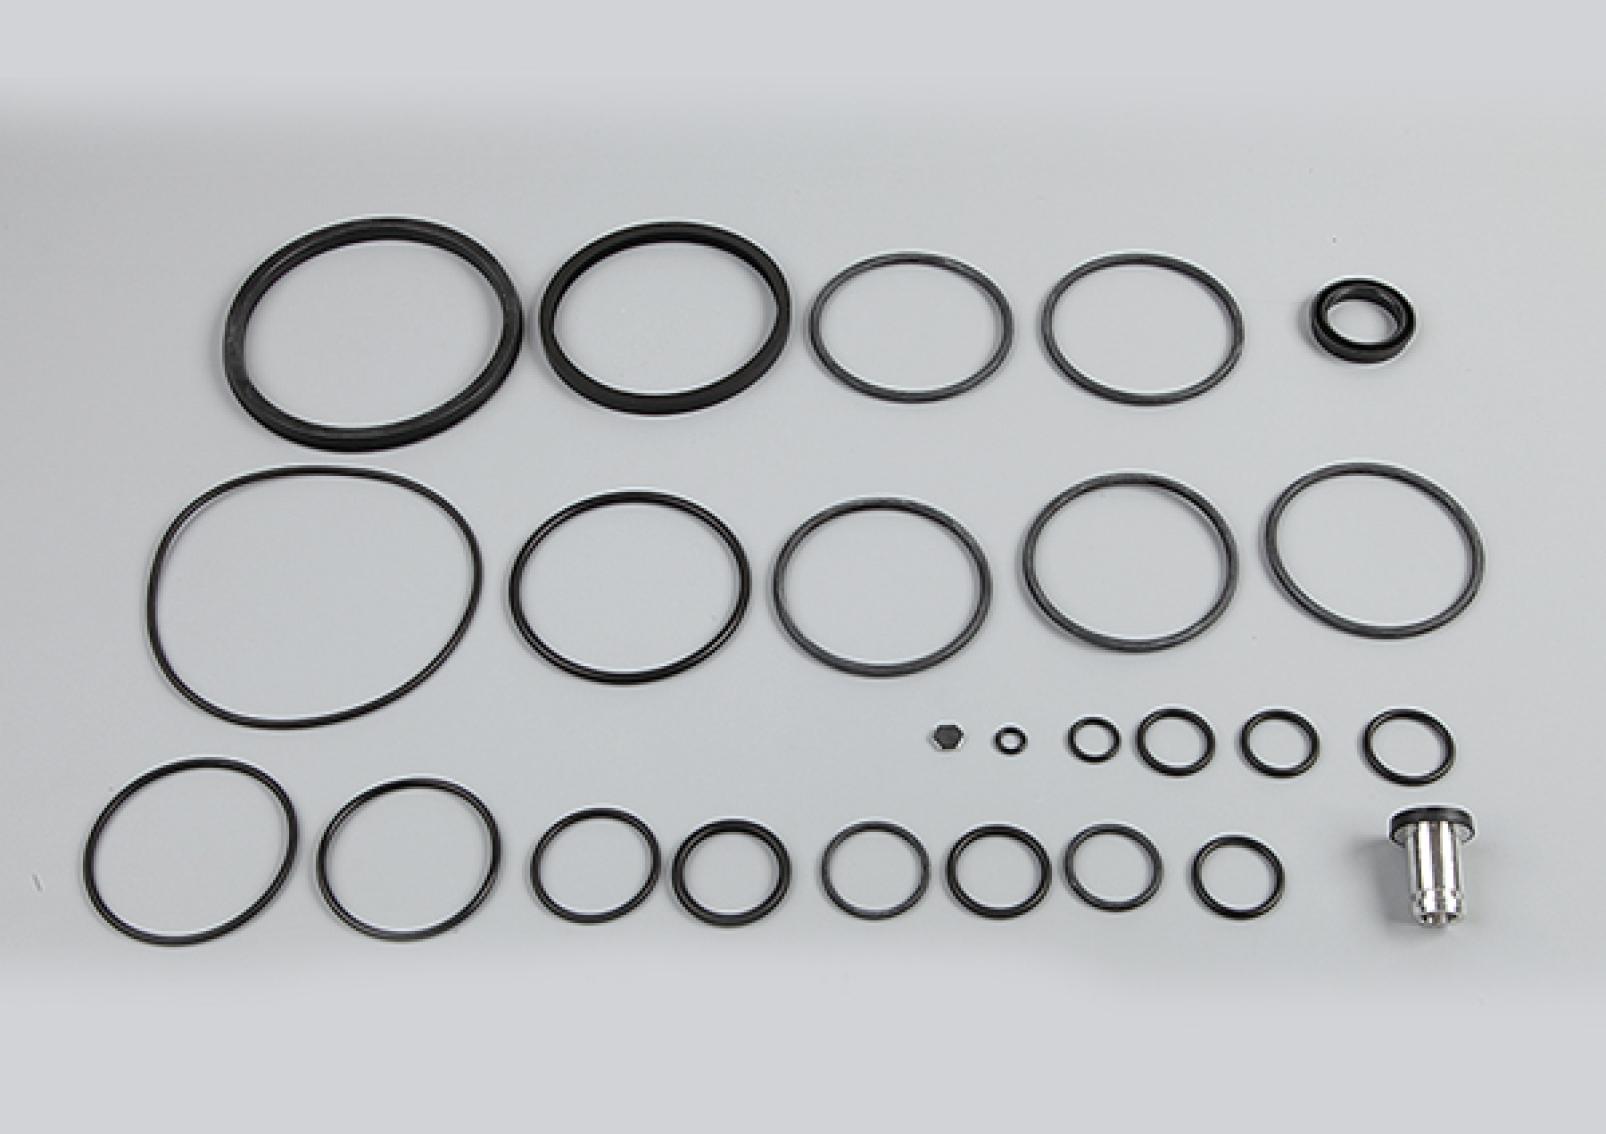 Trailer Control Valve Repair Kit, 973 008 001 2